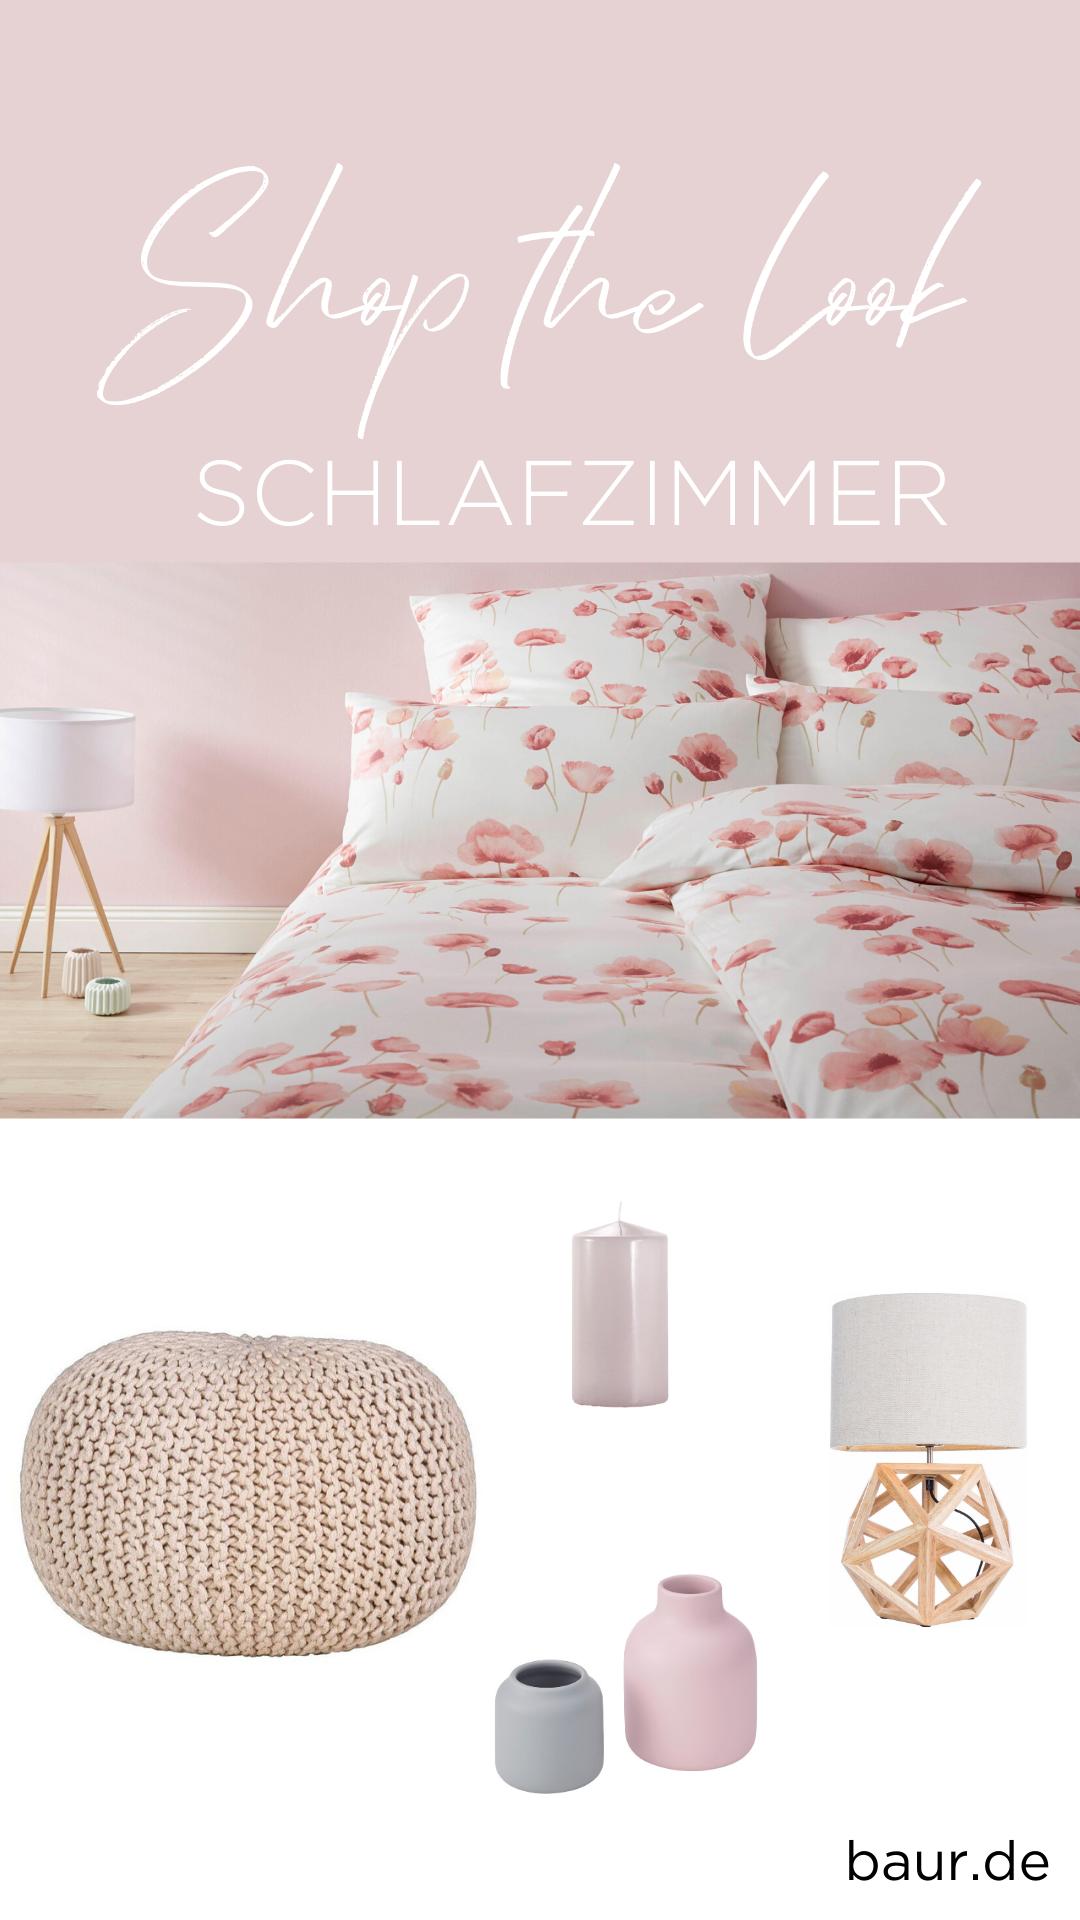 Schlafzimmer Ideen von baur.de – Entdecke tolle Einrichtungsideen ...